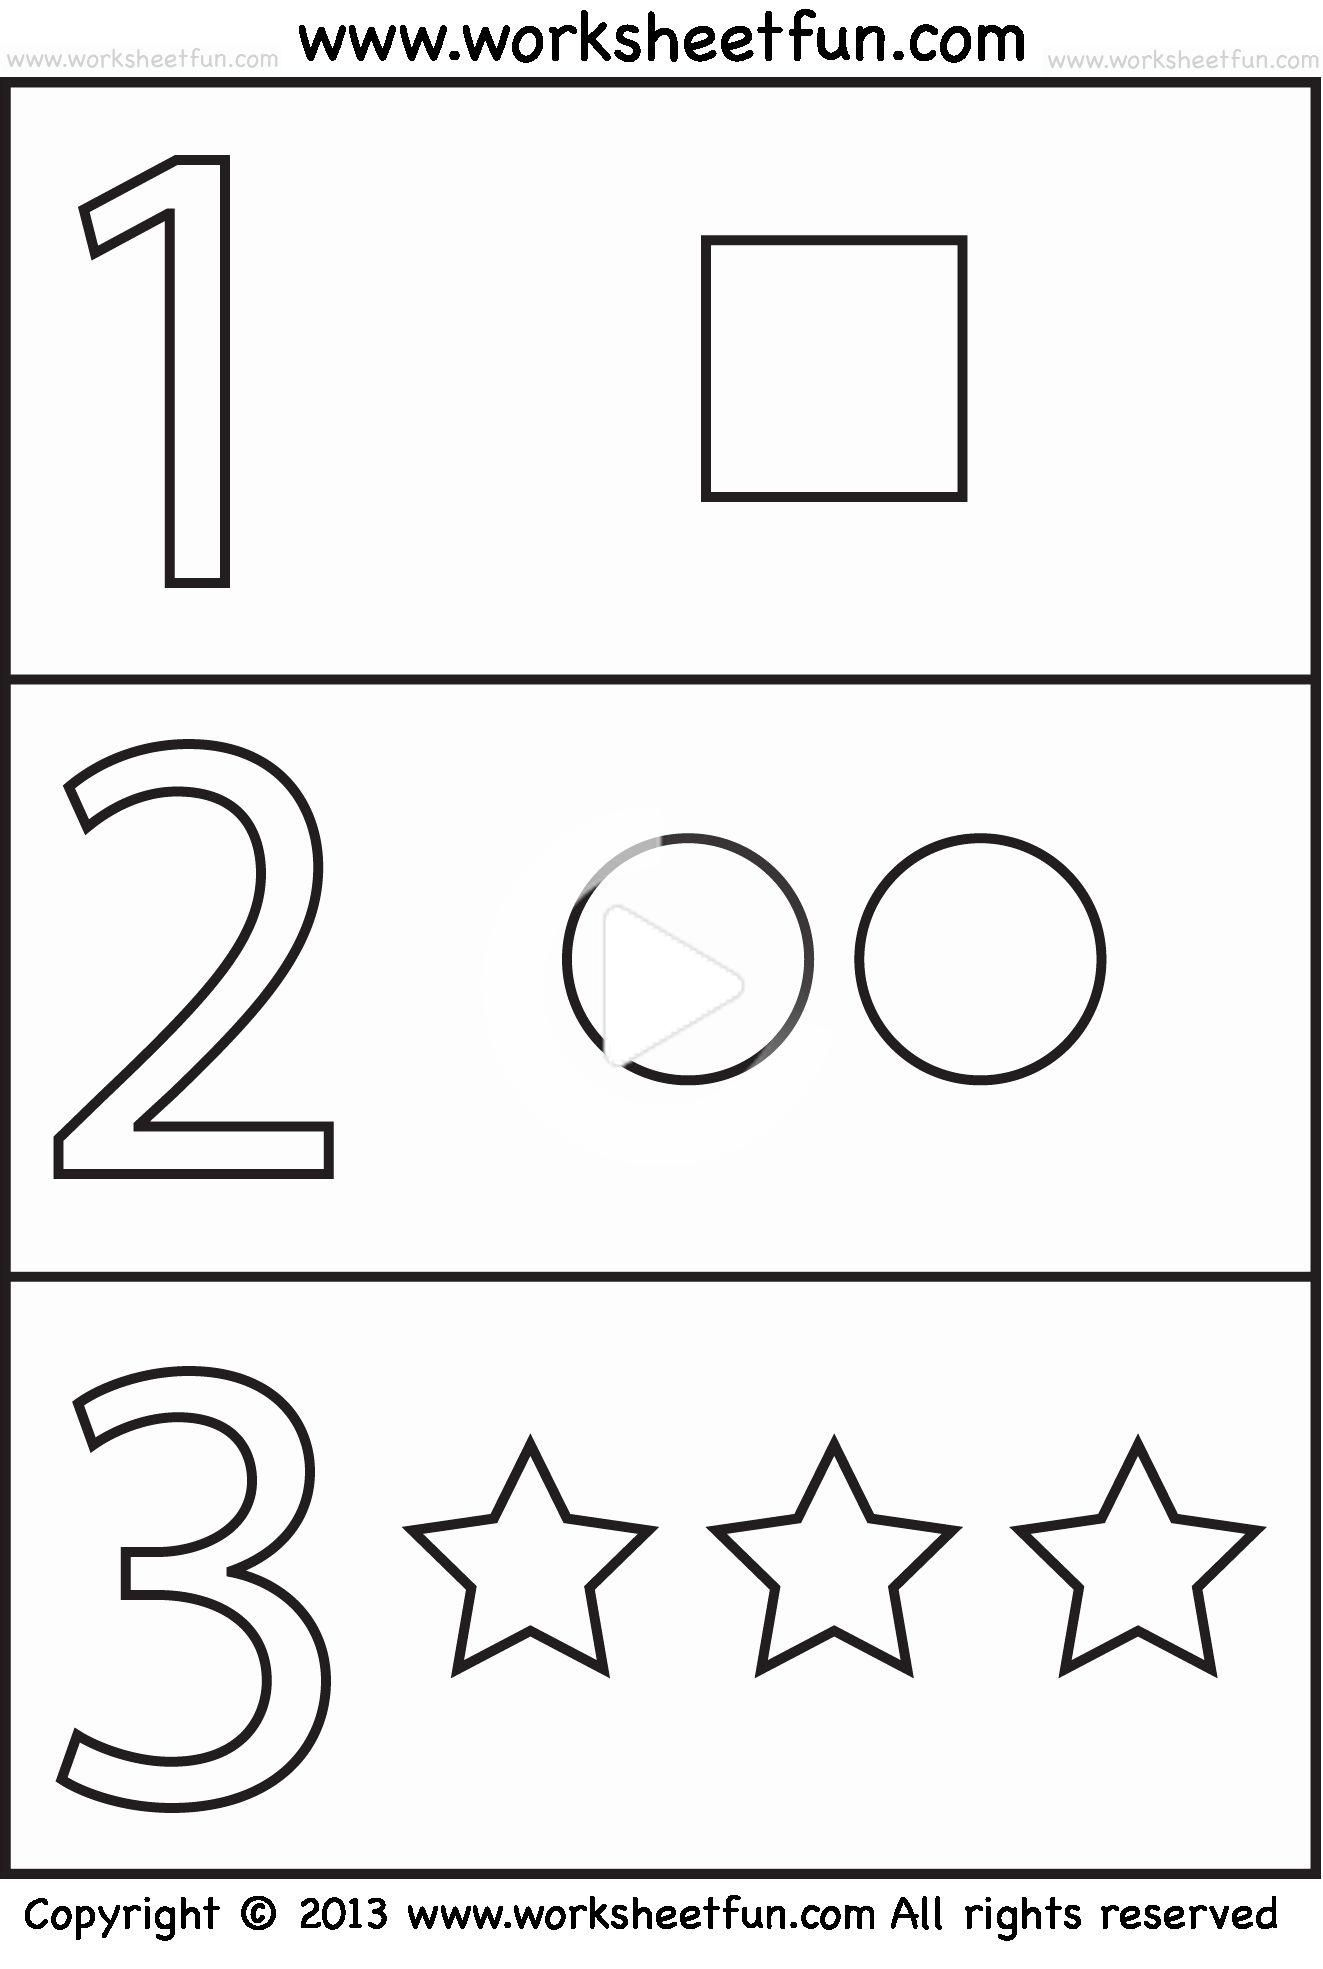 Preschool Worksheets Age 2 In 2020 | Free Preschool